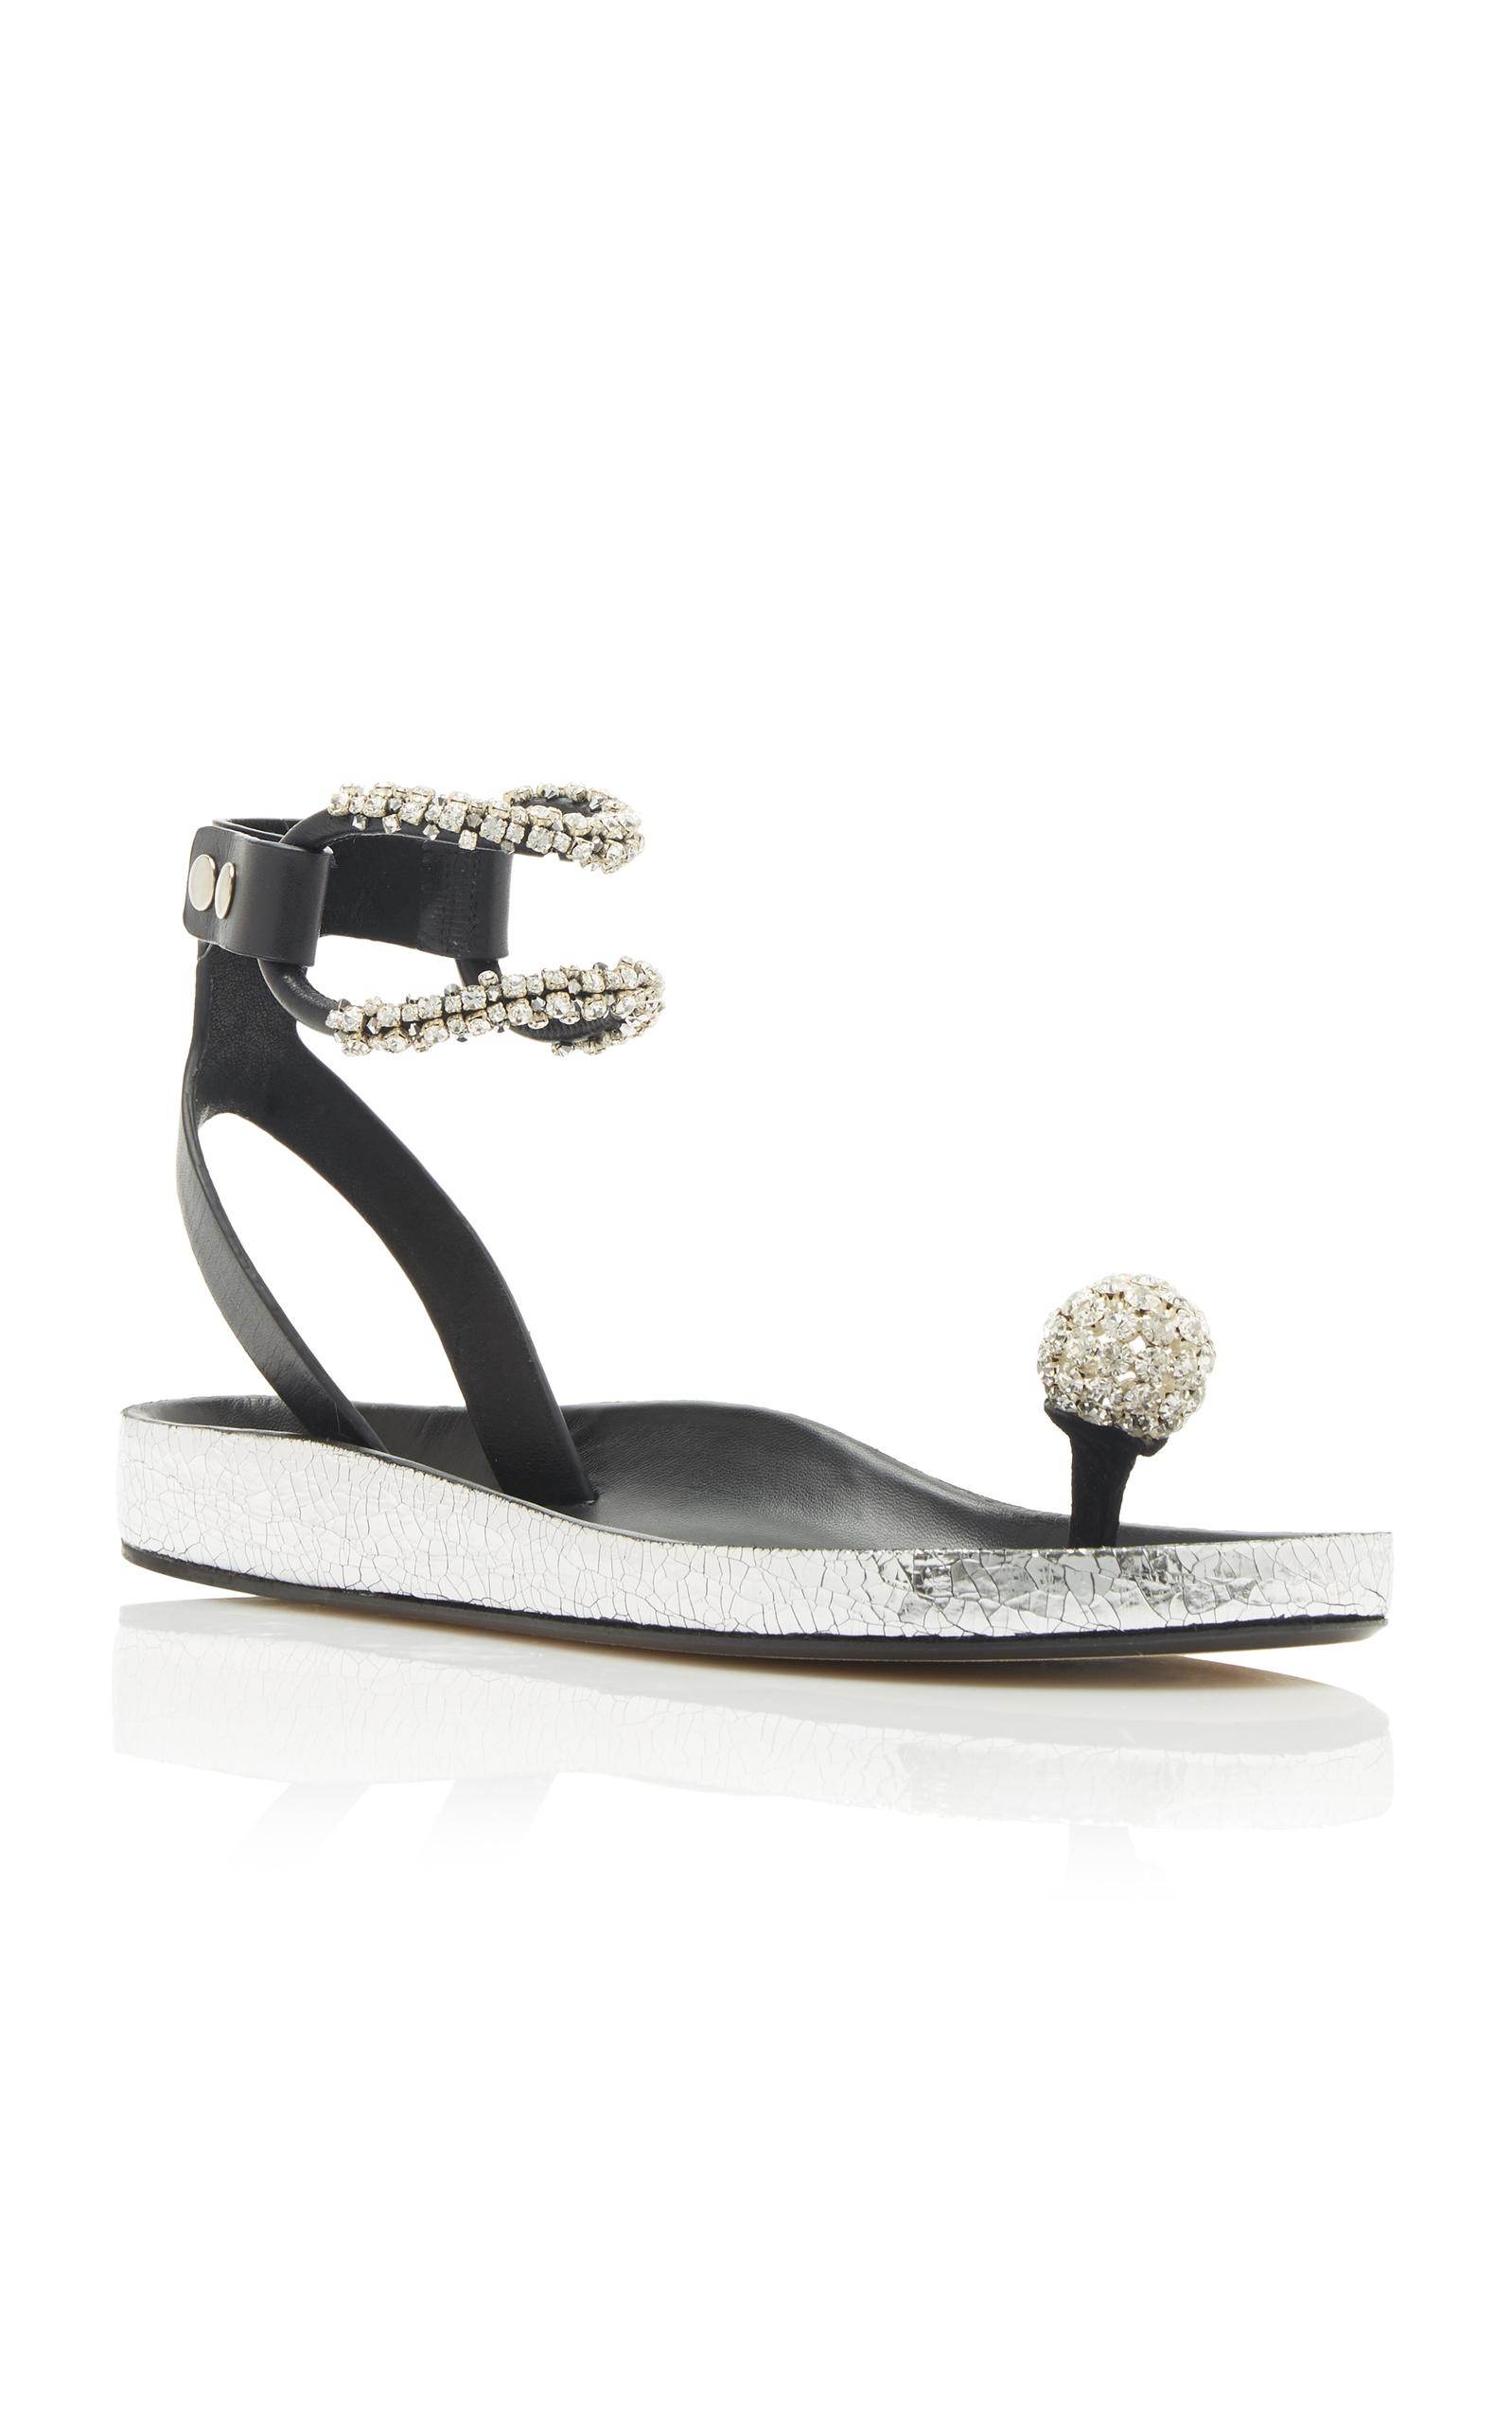 Ecly Jeweled Sandal Isabel Marant sli7FqGQW